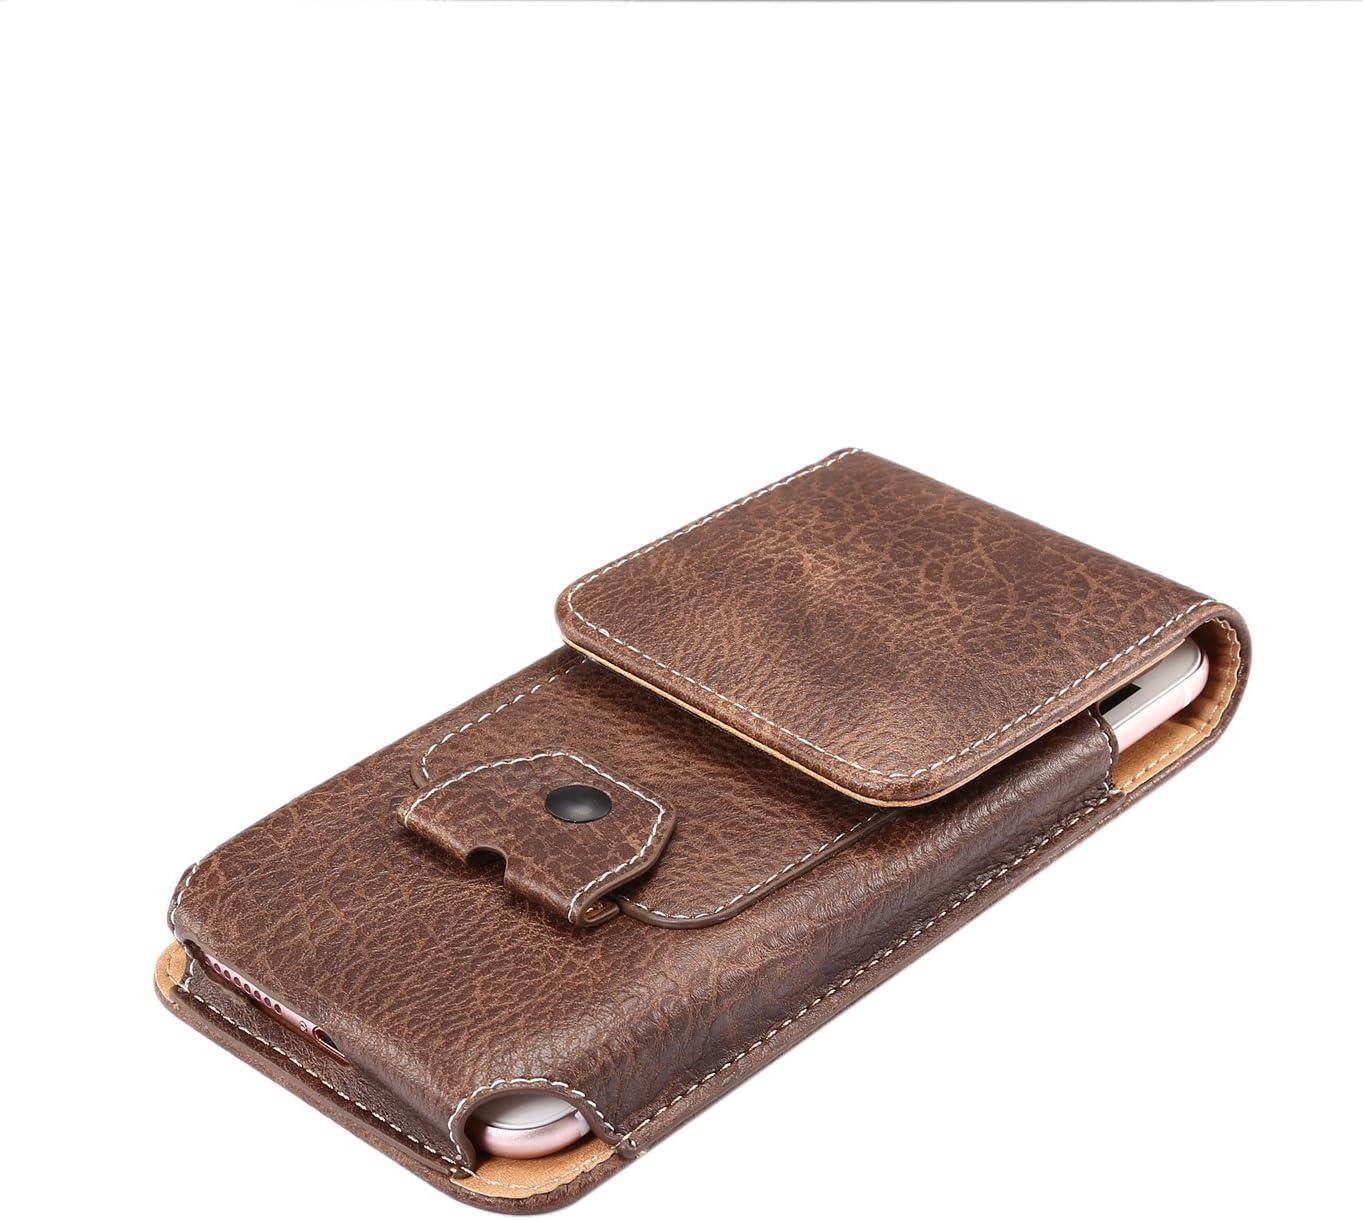 HUUH Funda de Cuero Bolsas Bolsillos Funda Universal para tel/éfono m/óvil,se Puede Colgar en un cintur/ón o una Mochila,Compatible:Todos los tel/éfonos m/óviles de Menos de 6,3 Pulgadas Gray 6,3in